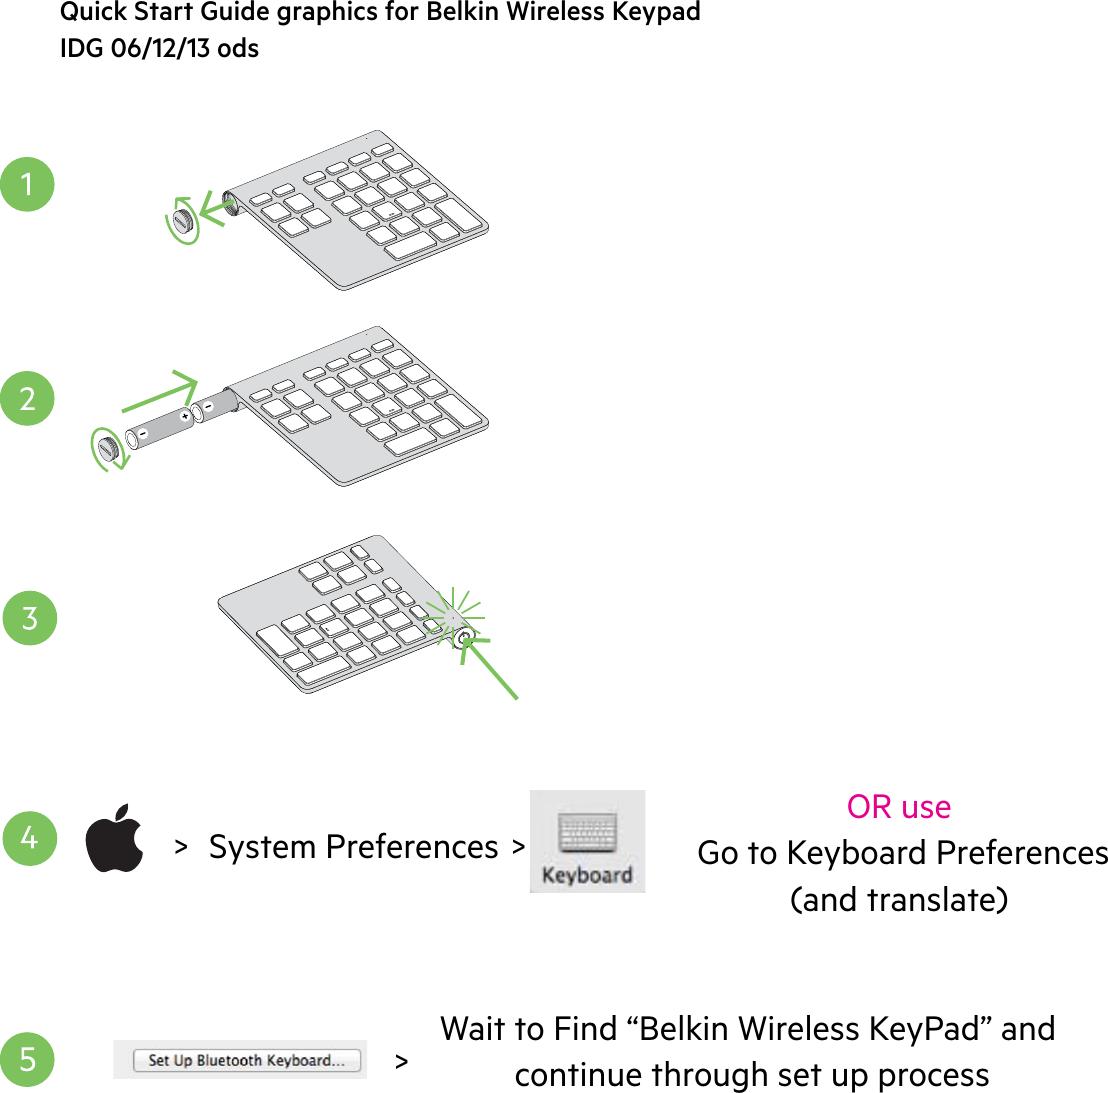 b27dd35c377 Belkin F8T067 Wireless KeyPad User Manual Wireless Keypad QIG v2 06 06 13